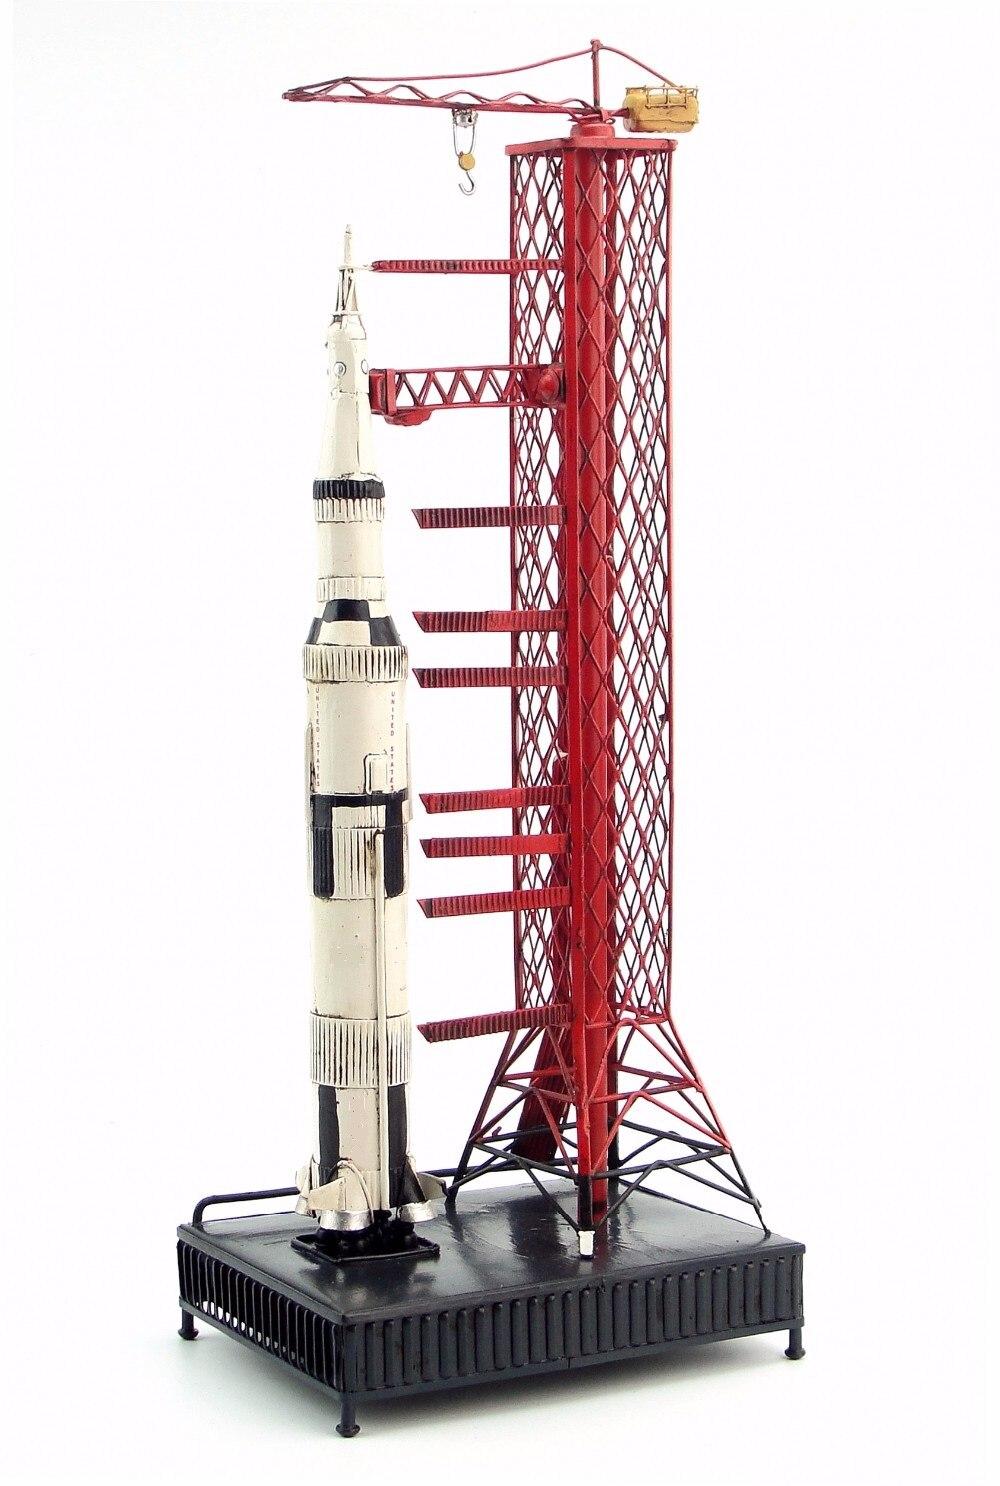 ทำหัตถกรรมเก่าโดยมือรุ่น Appollo Saturn 5 rocket retro คลาสสิกปลอมโลหะหัตถกรรมรุ่น ROCKET-ใน รูปแกะสลักและรูปจำลอง จาก บ้านและสวน บน   1